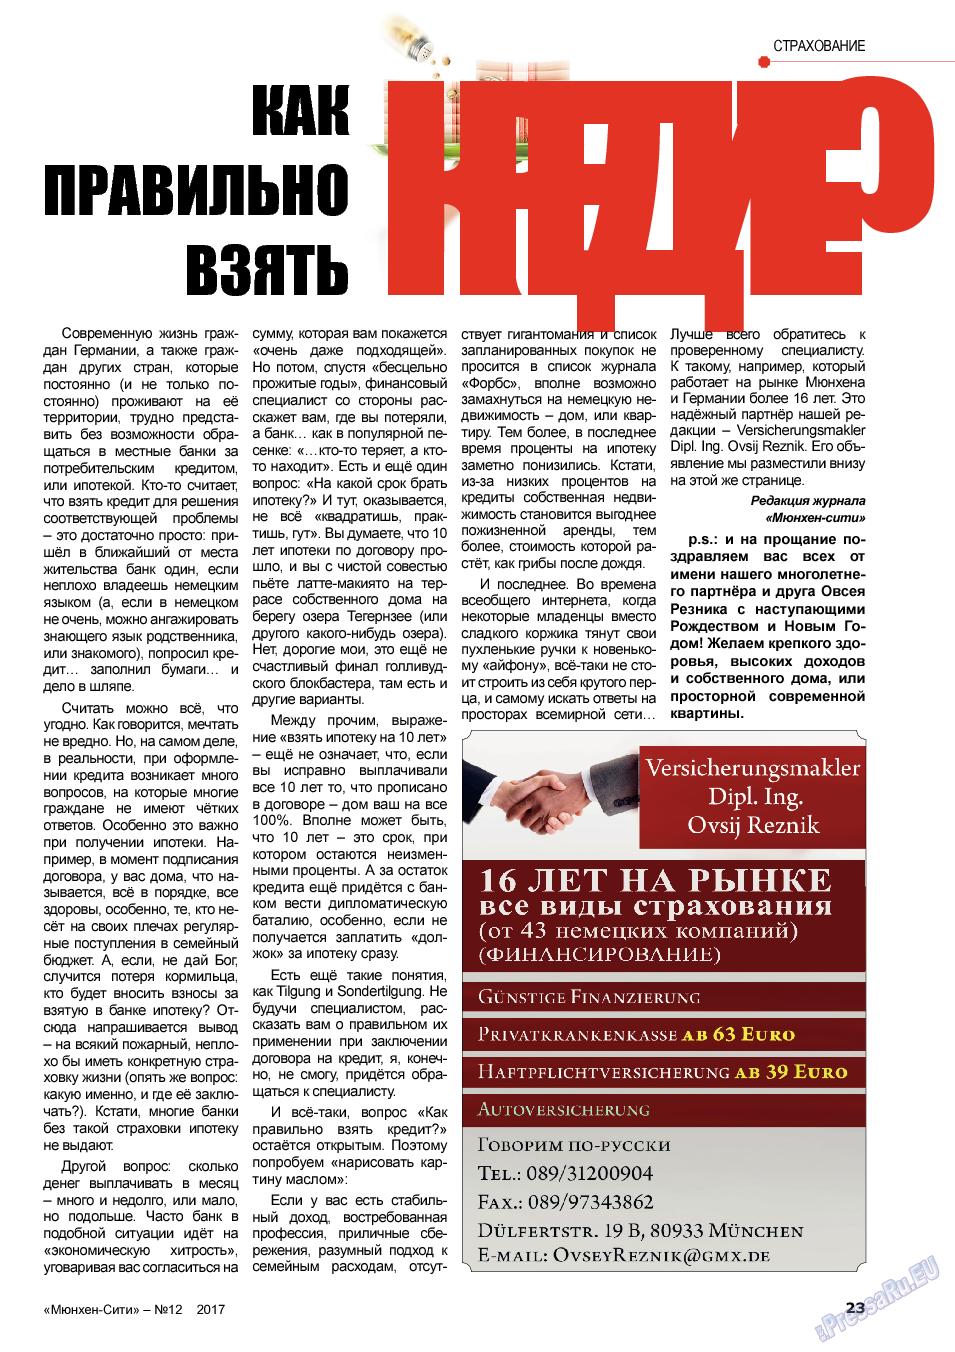 Мюнхен-сити (журнал). 2017 год, номер 12, стр. 23